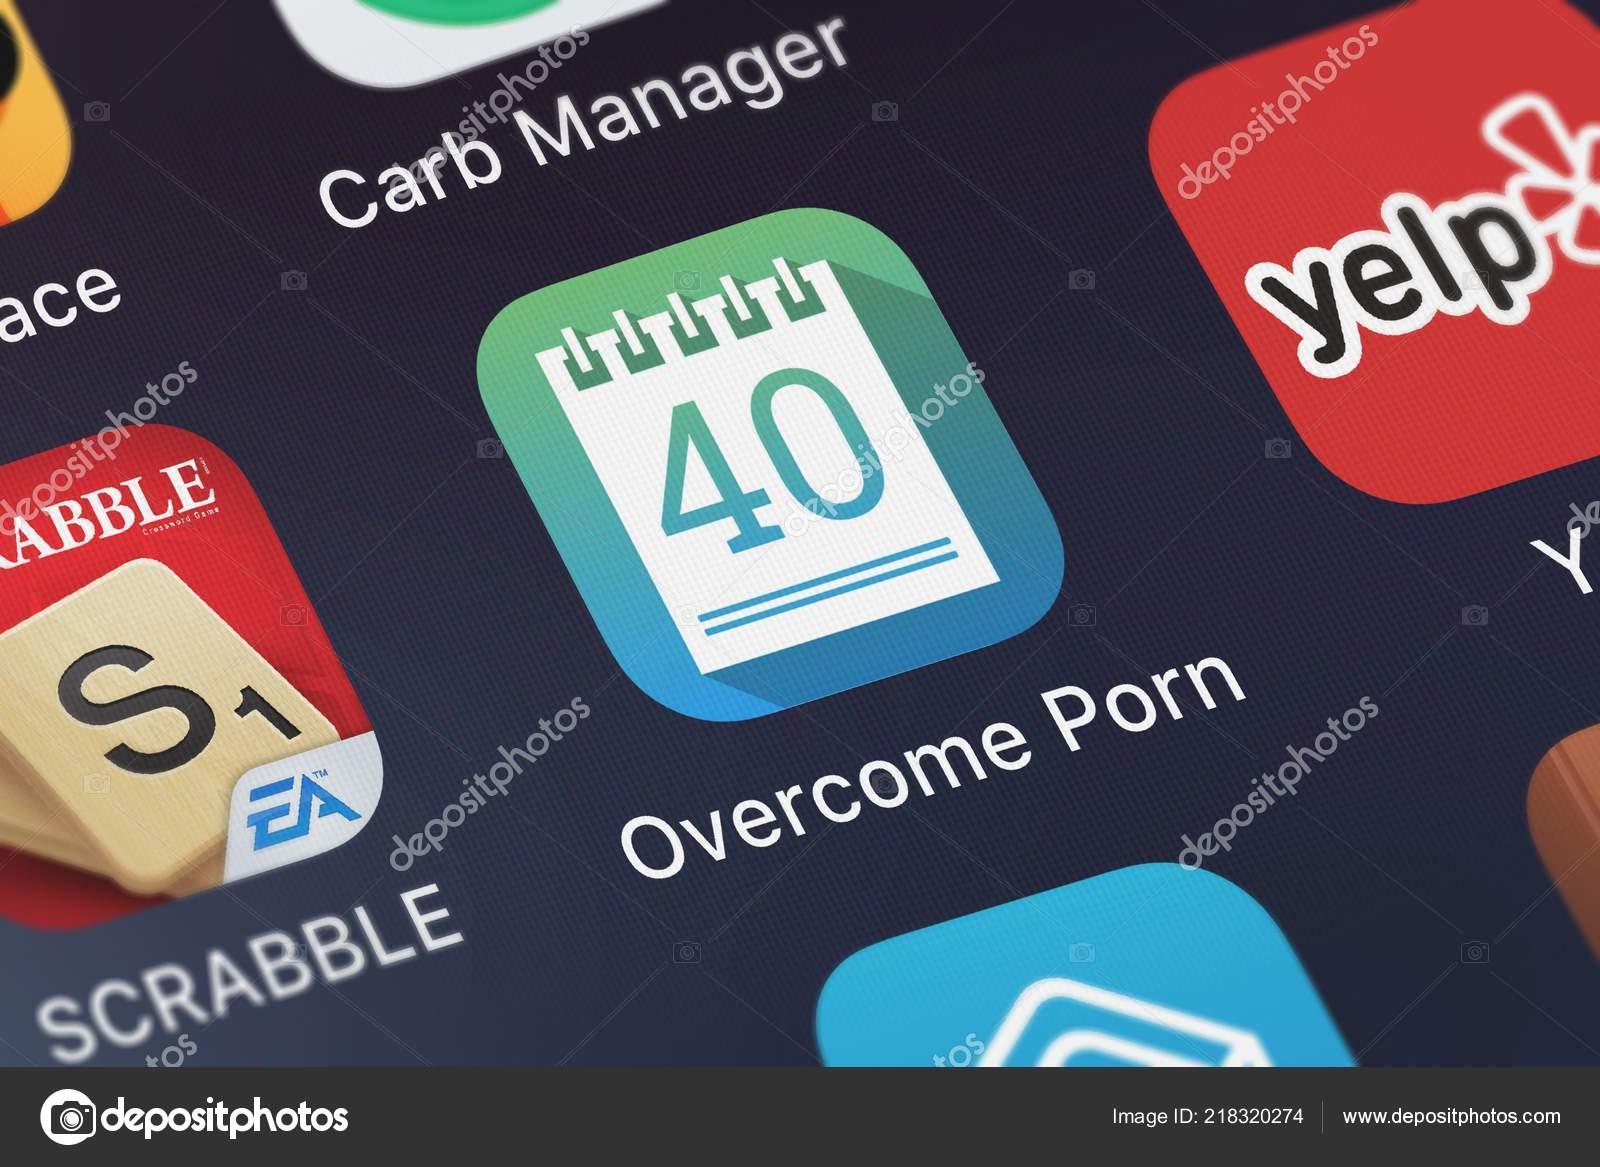 zdarma ženské lesbické porno